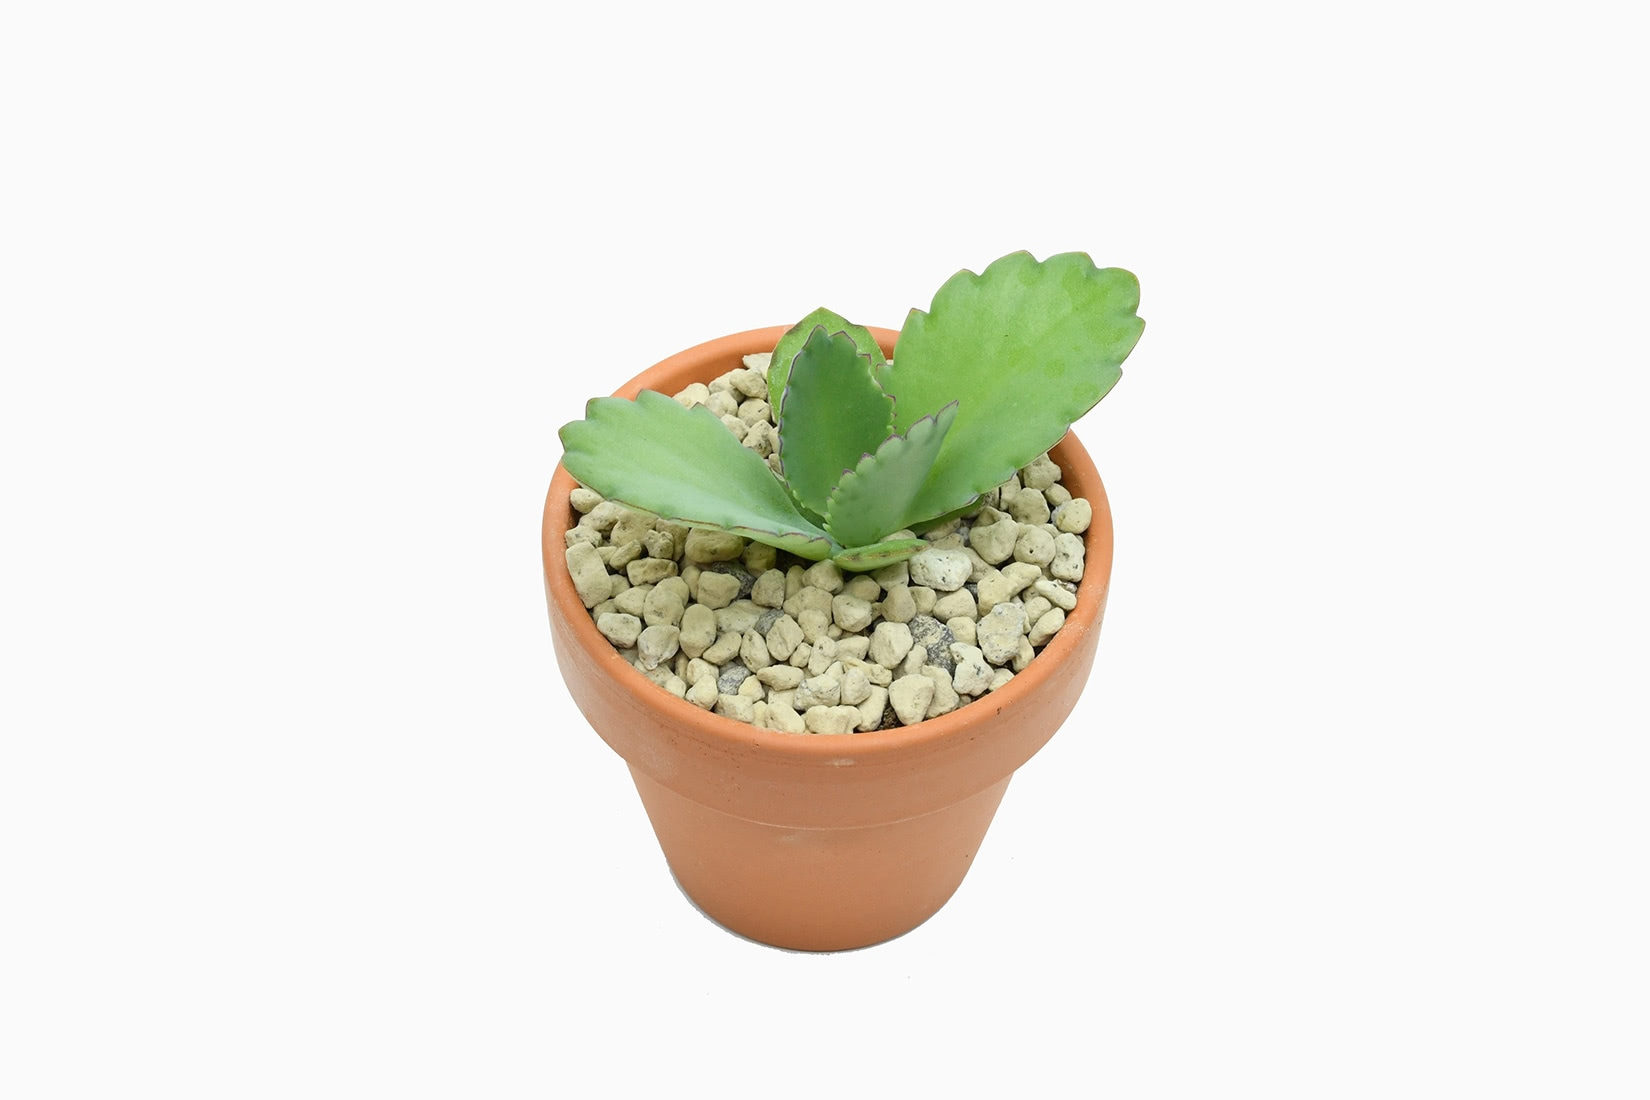 best indoor plants mexican hat plant kalanchoe daigremontiana - Luxe Digital